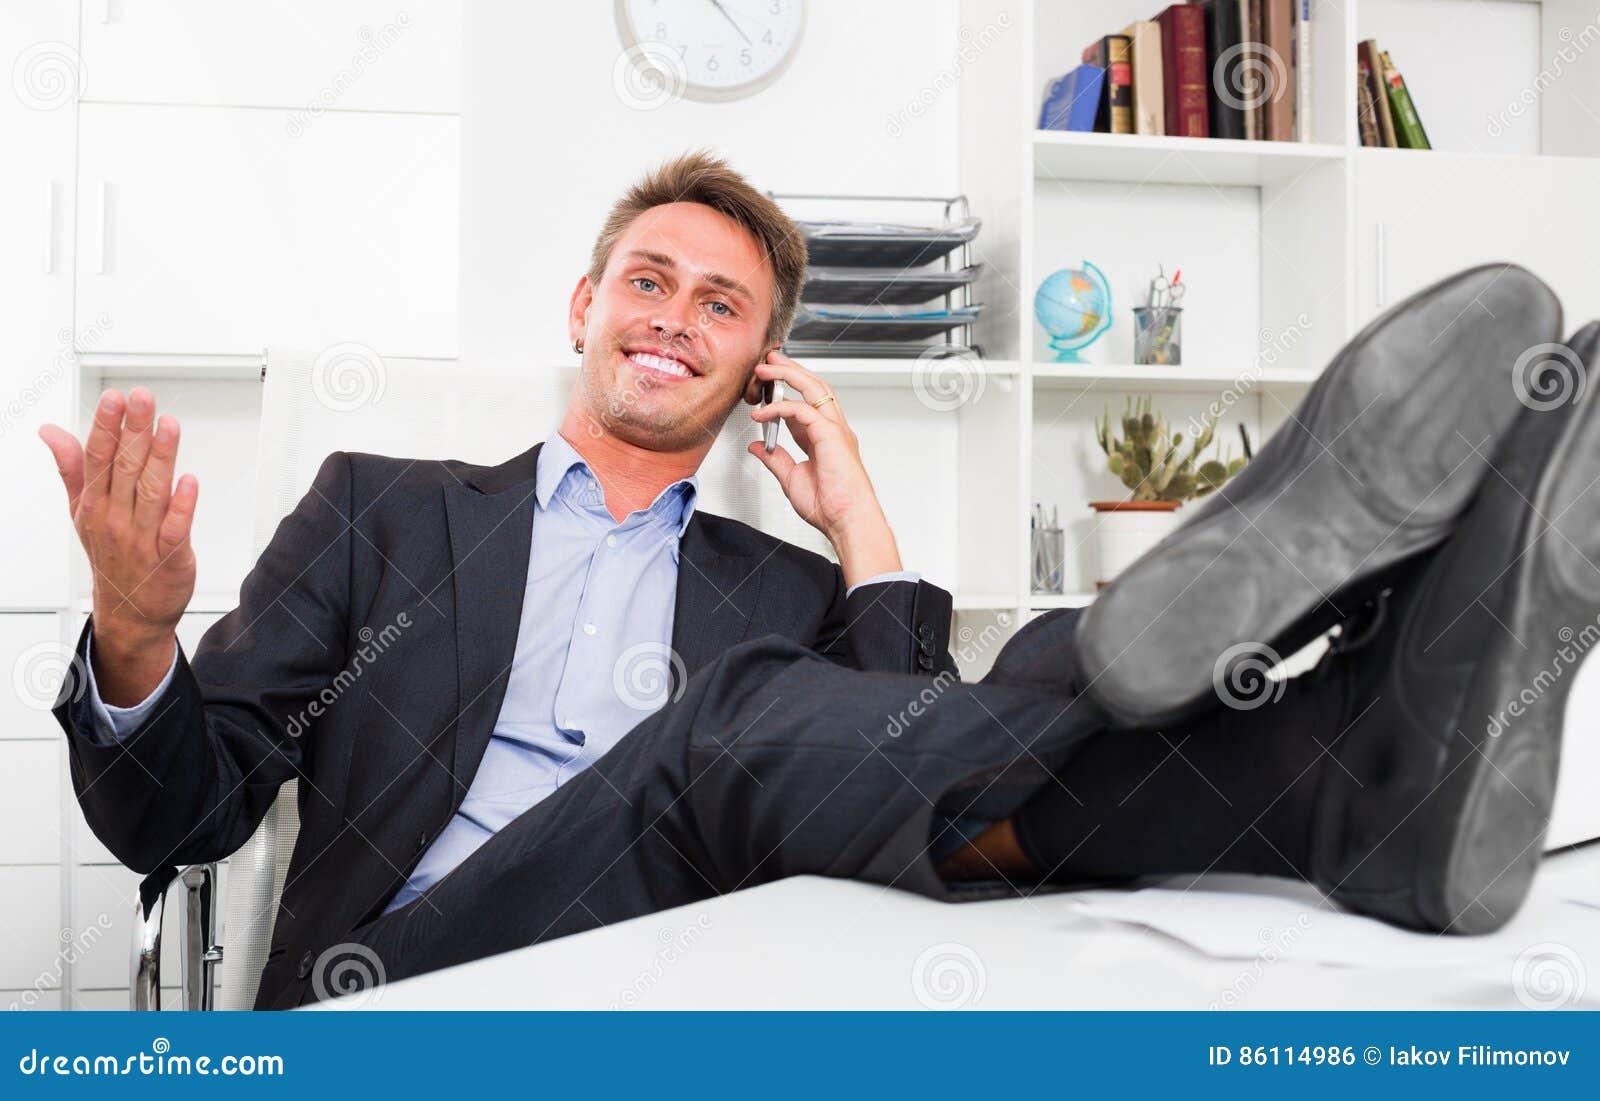 Image bureau libre de parler au tÉlÉphone avec ses pieds sur le